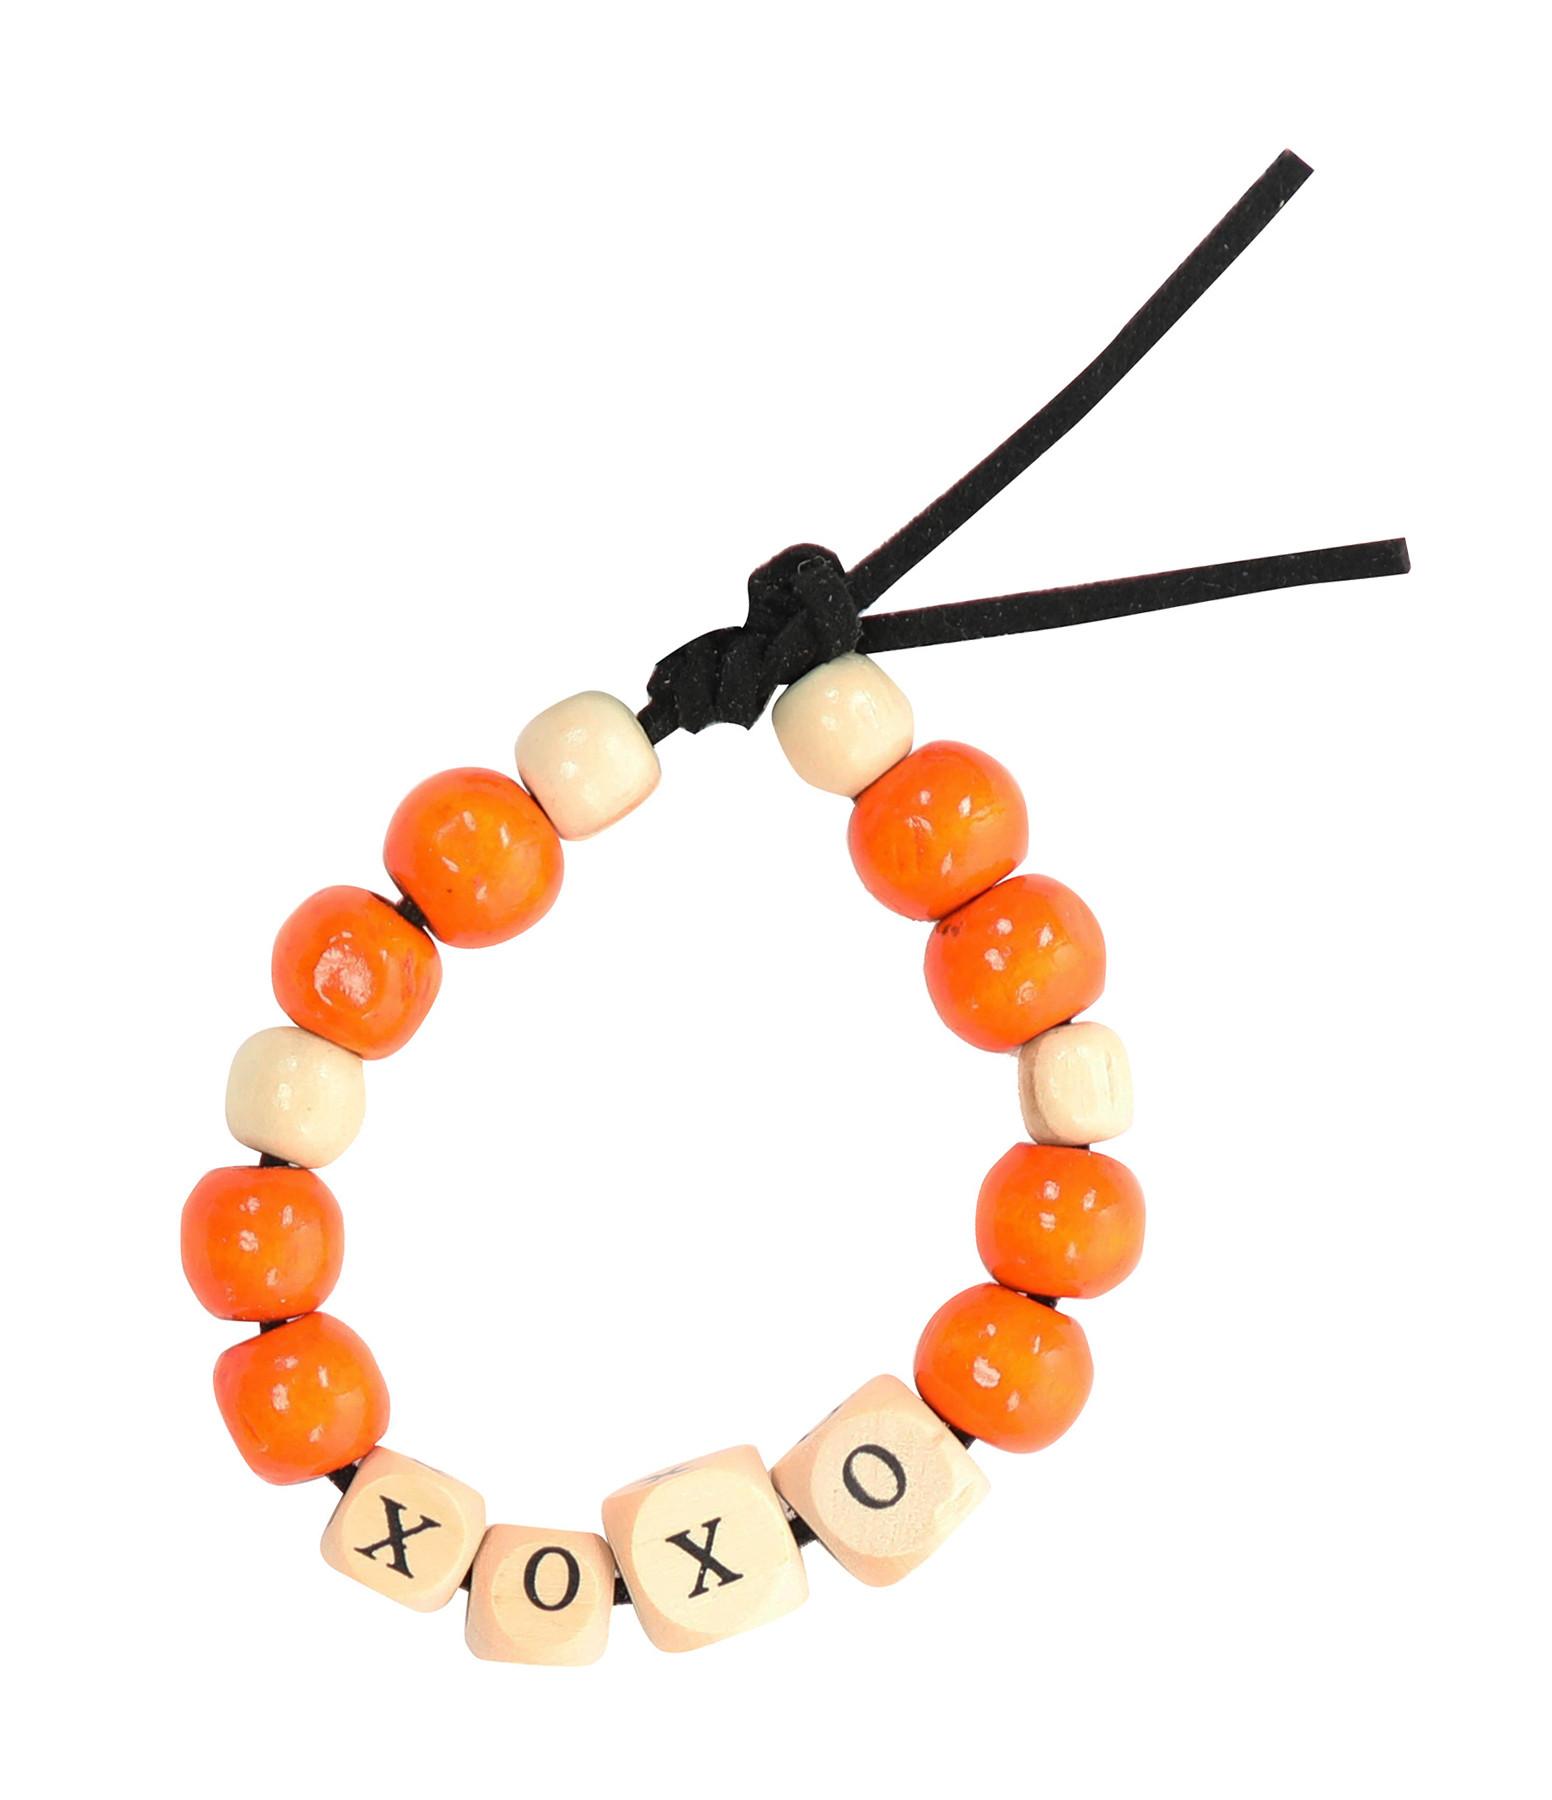 LAUREN RUBINSKI - Bracelet Love Beads Bois XOXO